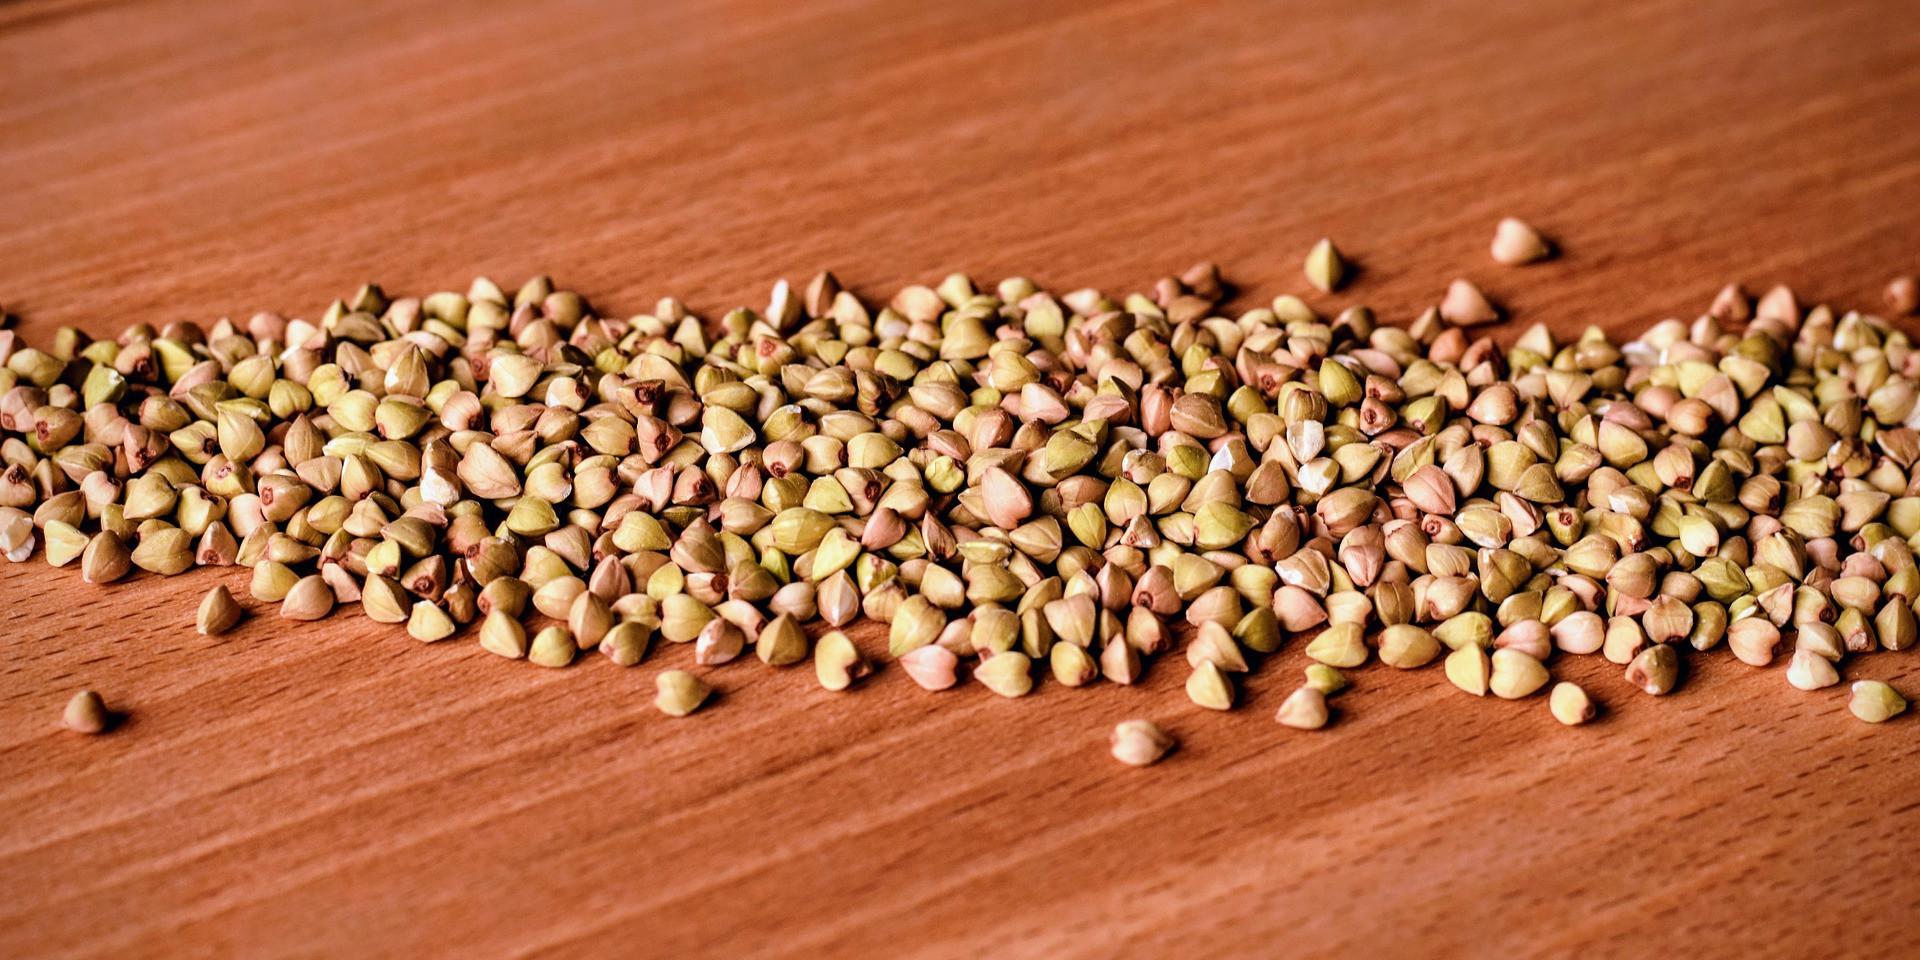 """Comment les graines peuvent être """"le petit plus qui fait la différence"""" dans les plats"""